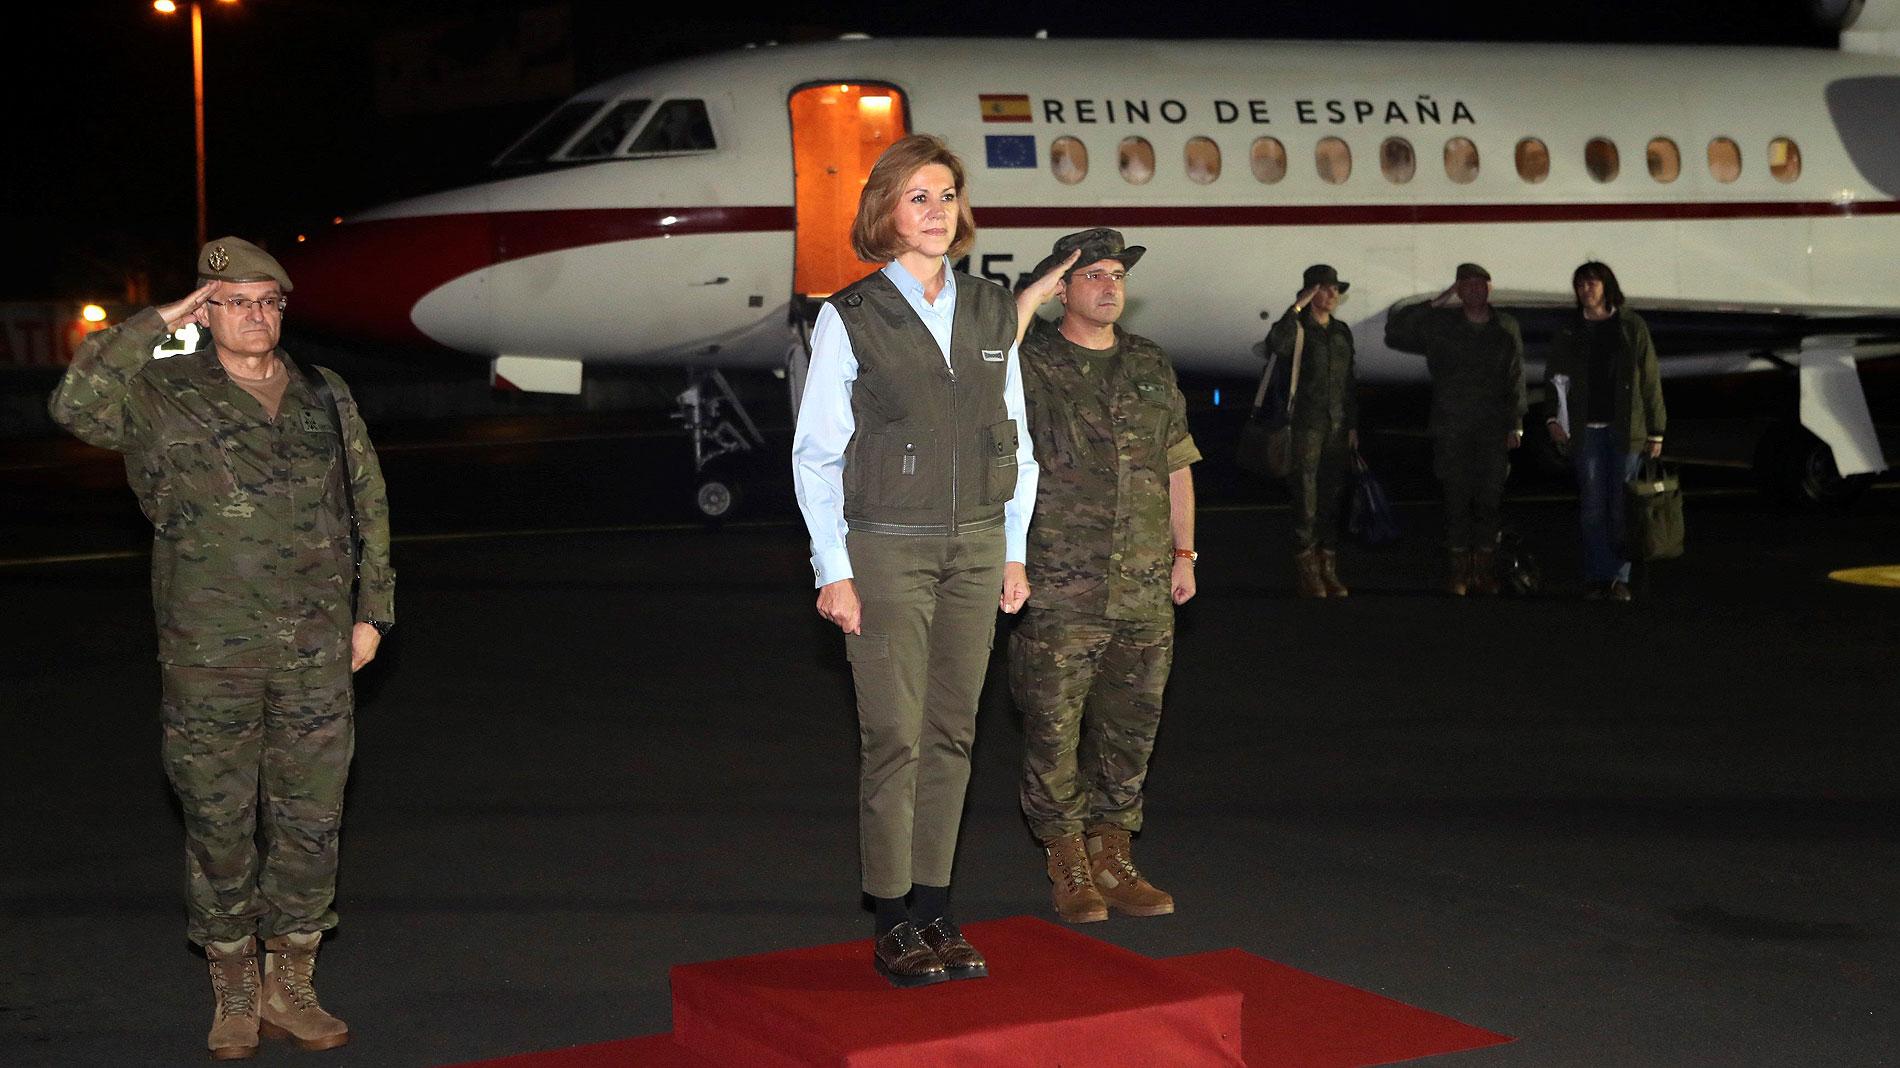 Ir al VideoEspaña asume el mando de la misión internacional desplegada en Mali